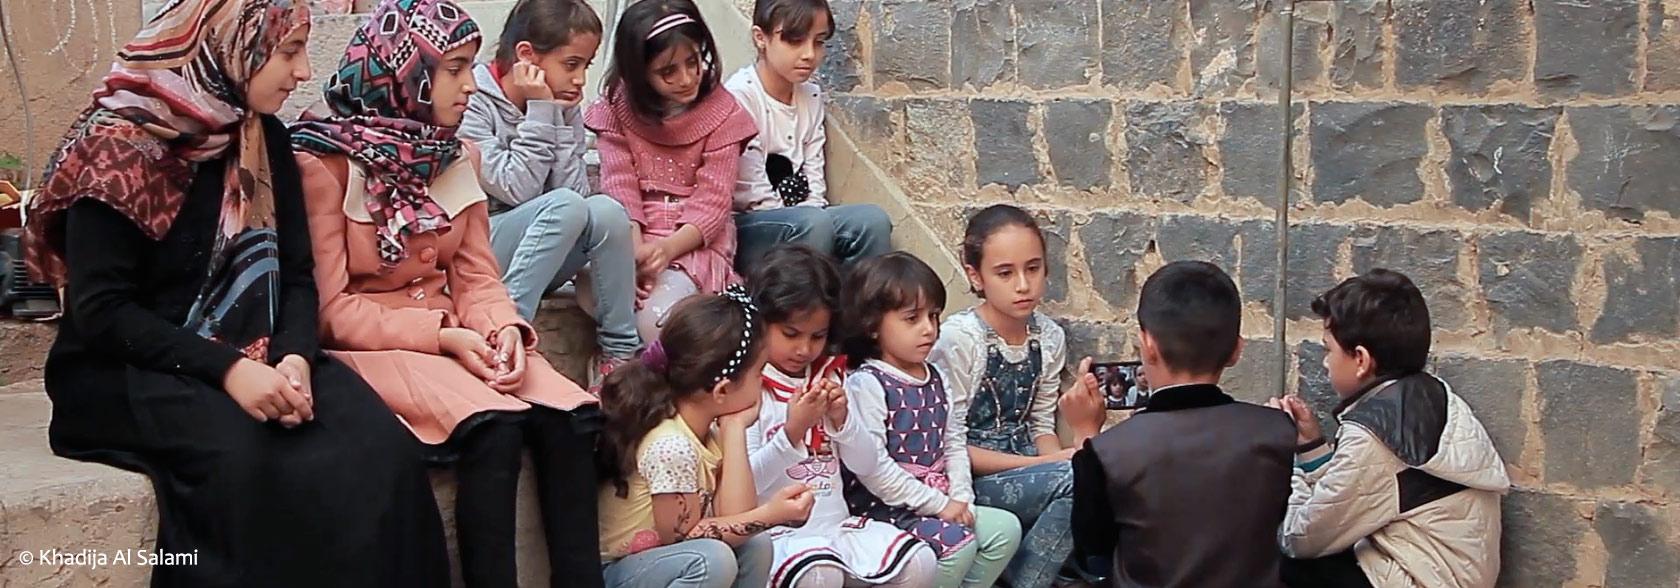 Les enfants et la guerre ©Photo-Khadija AL Salami